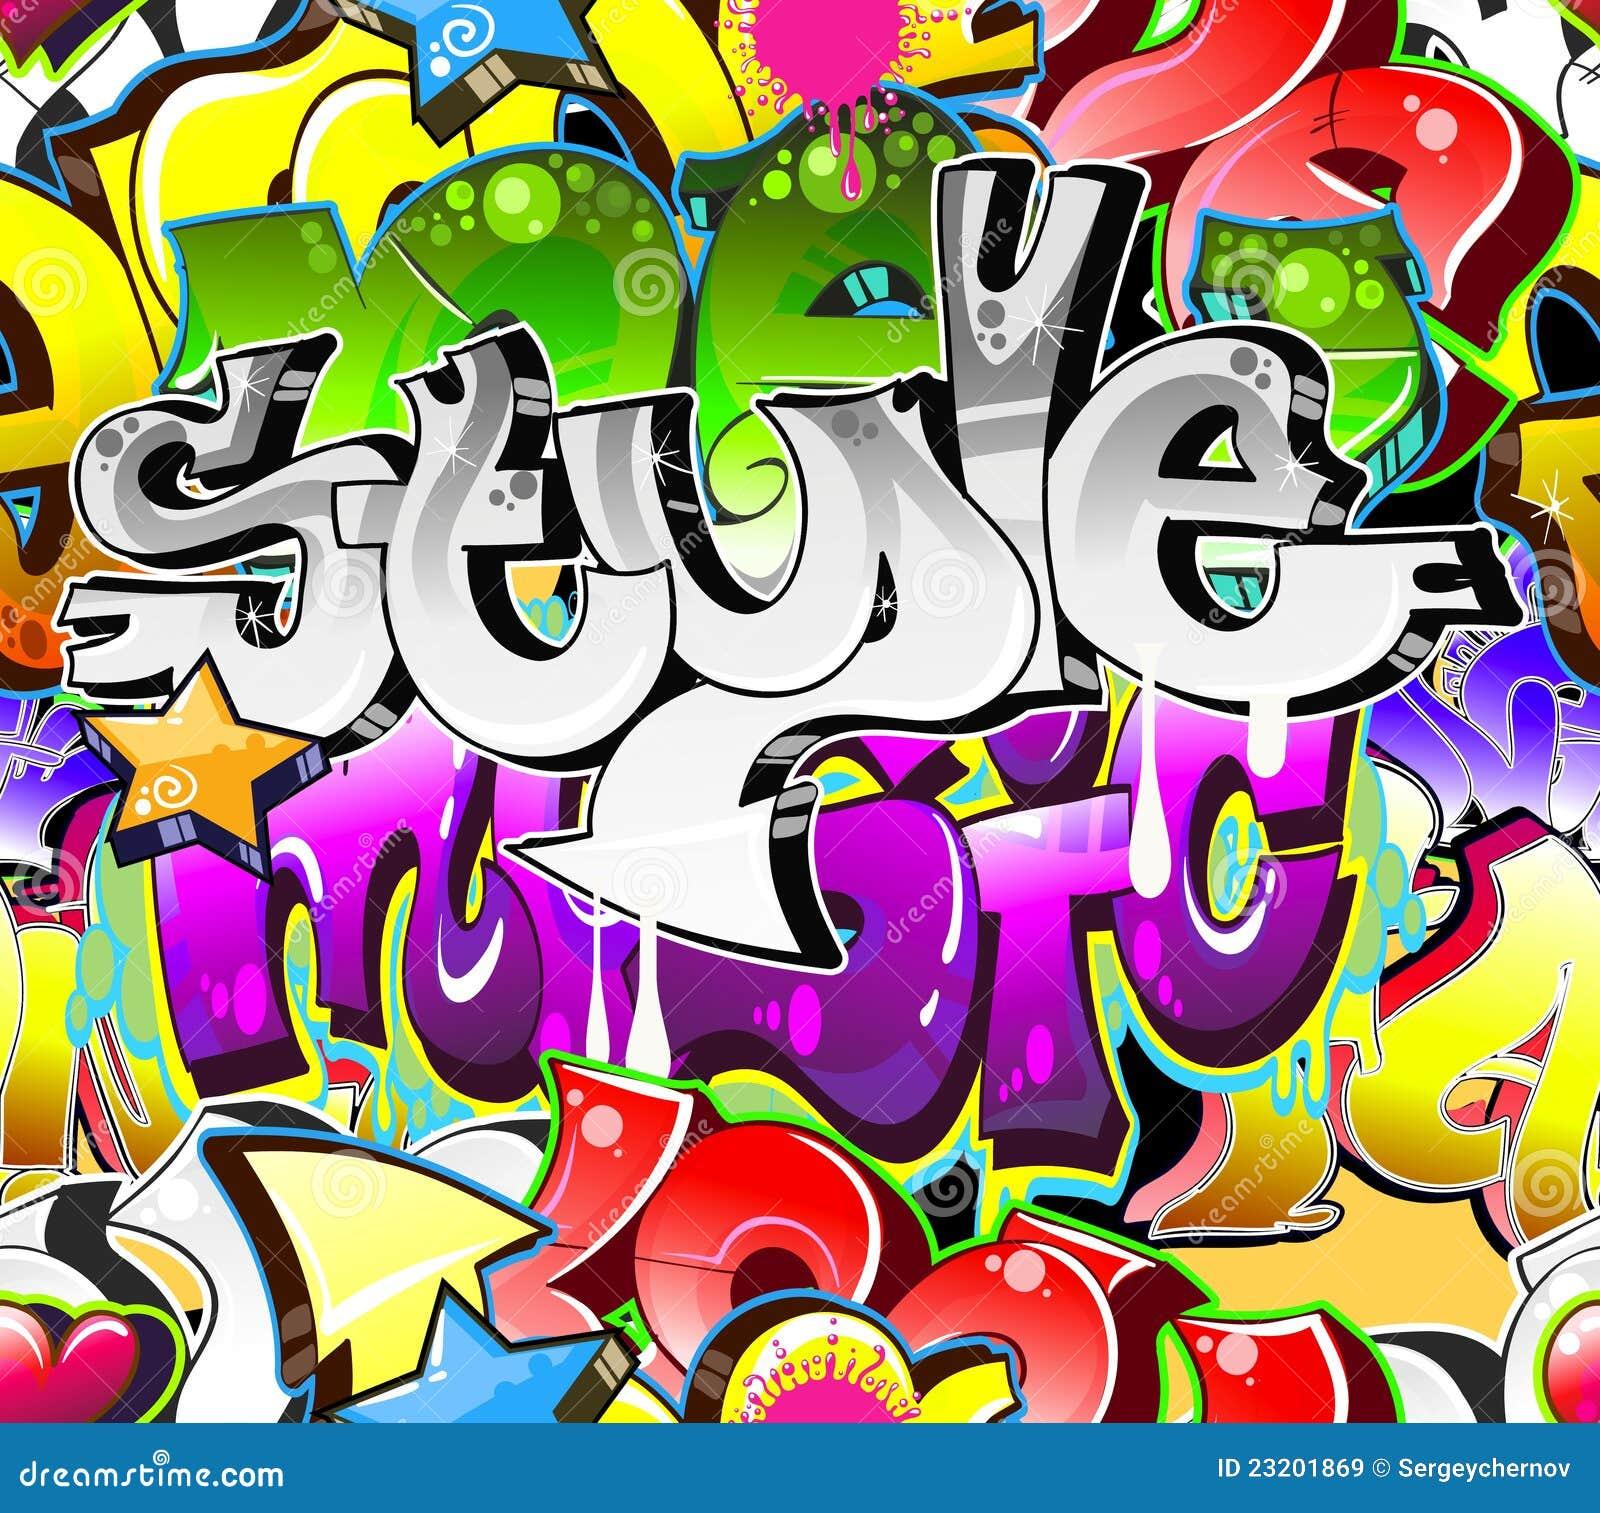 Graffiti art background - Art Background Graffiti